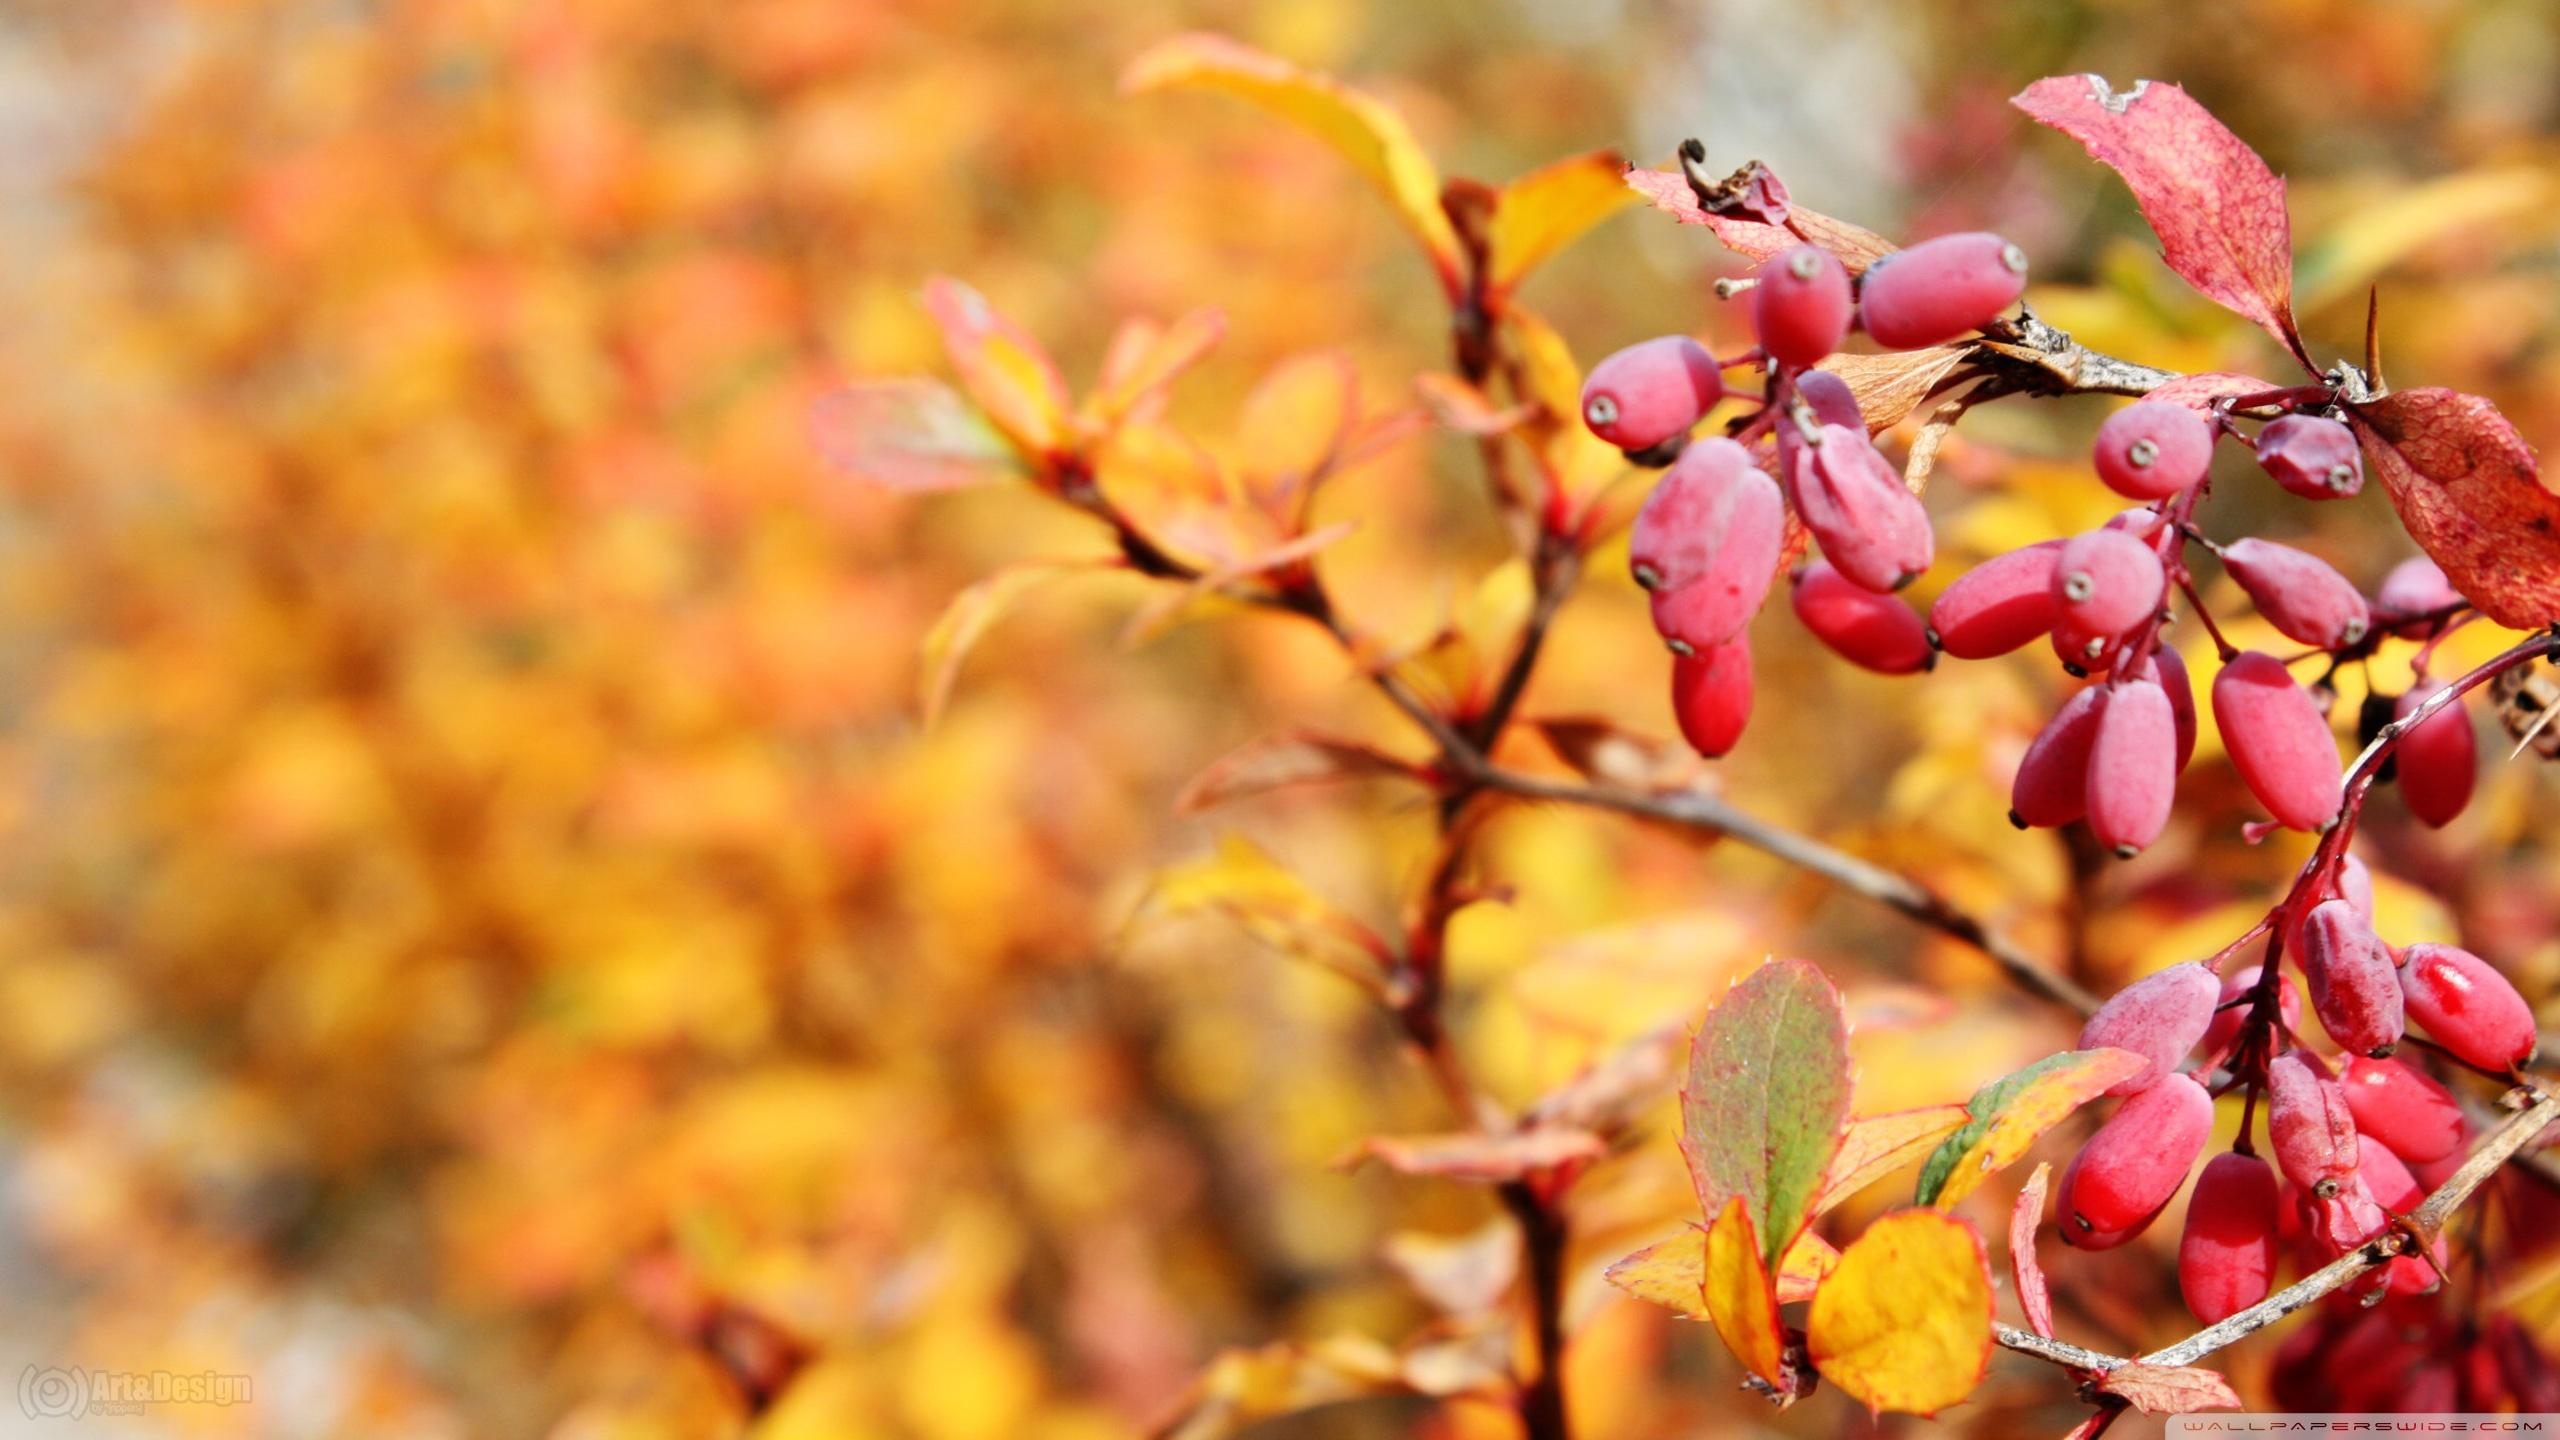 autumn_red_fruits-wallpaper-2560x1440.jpg